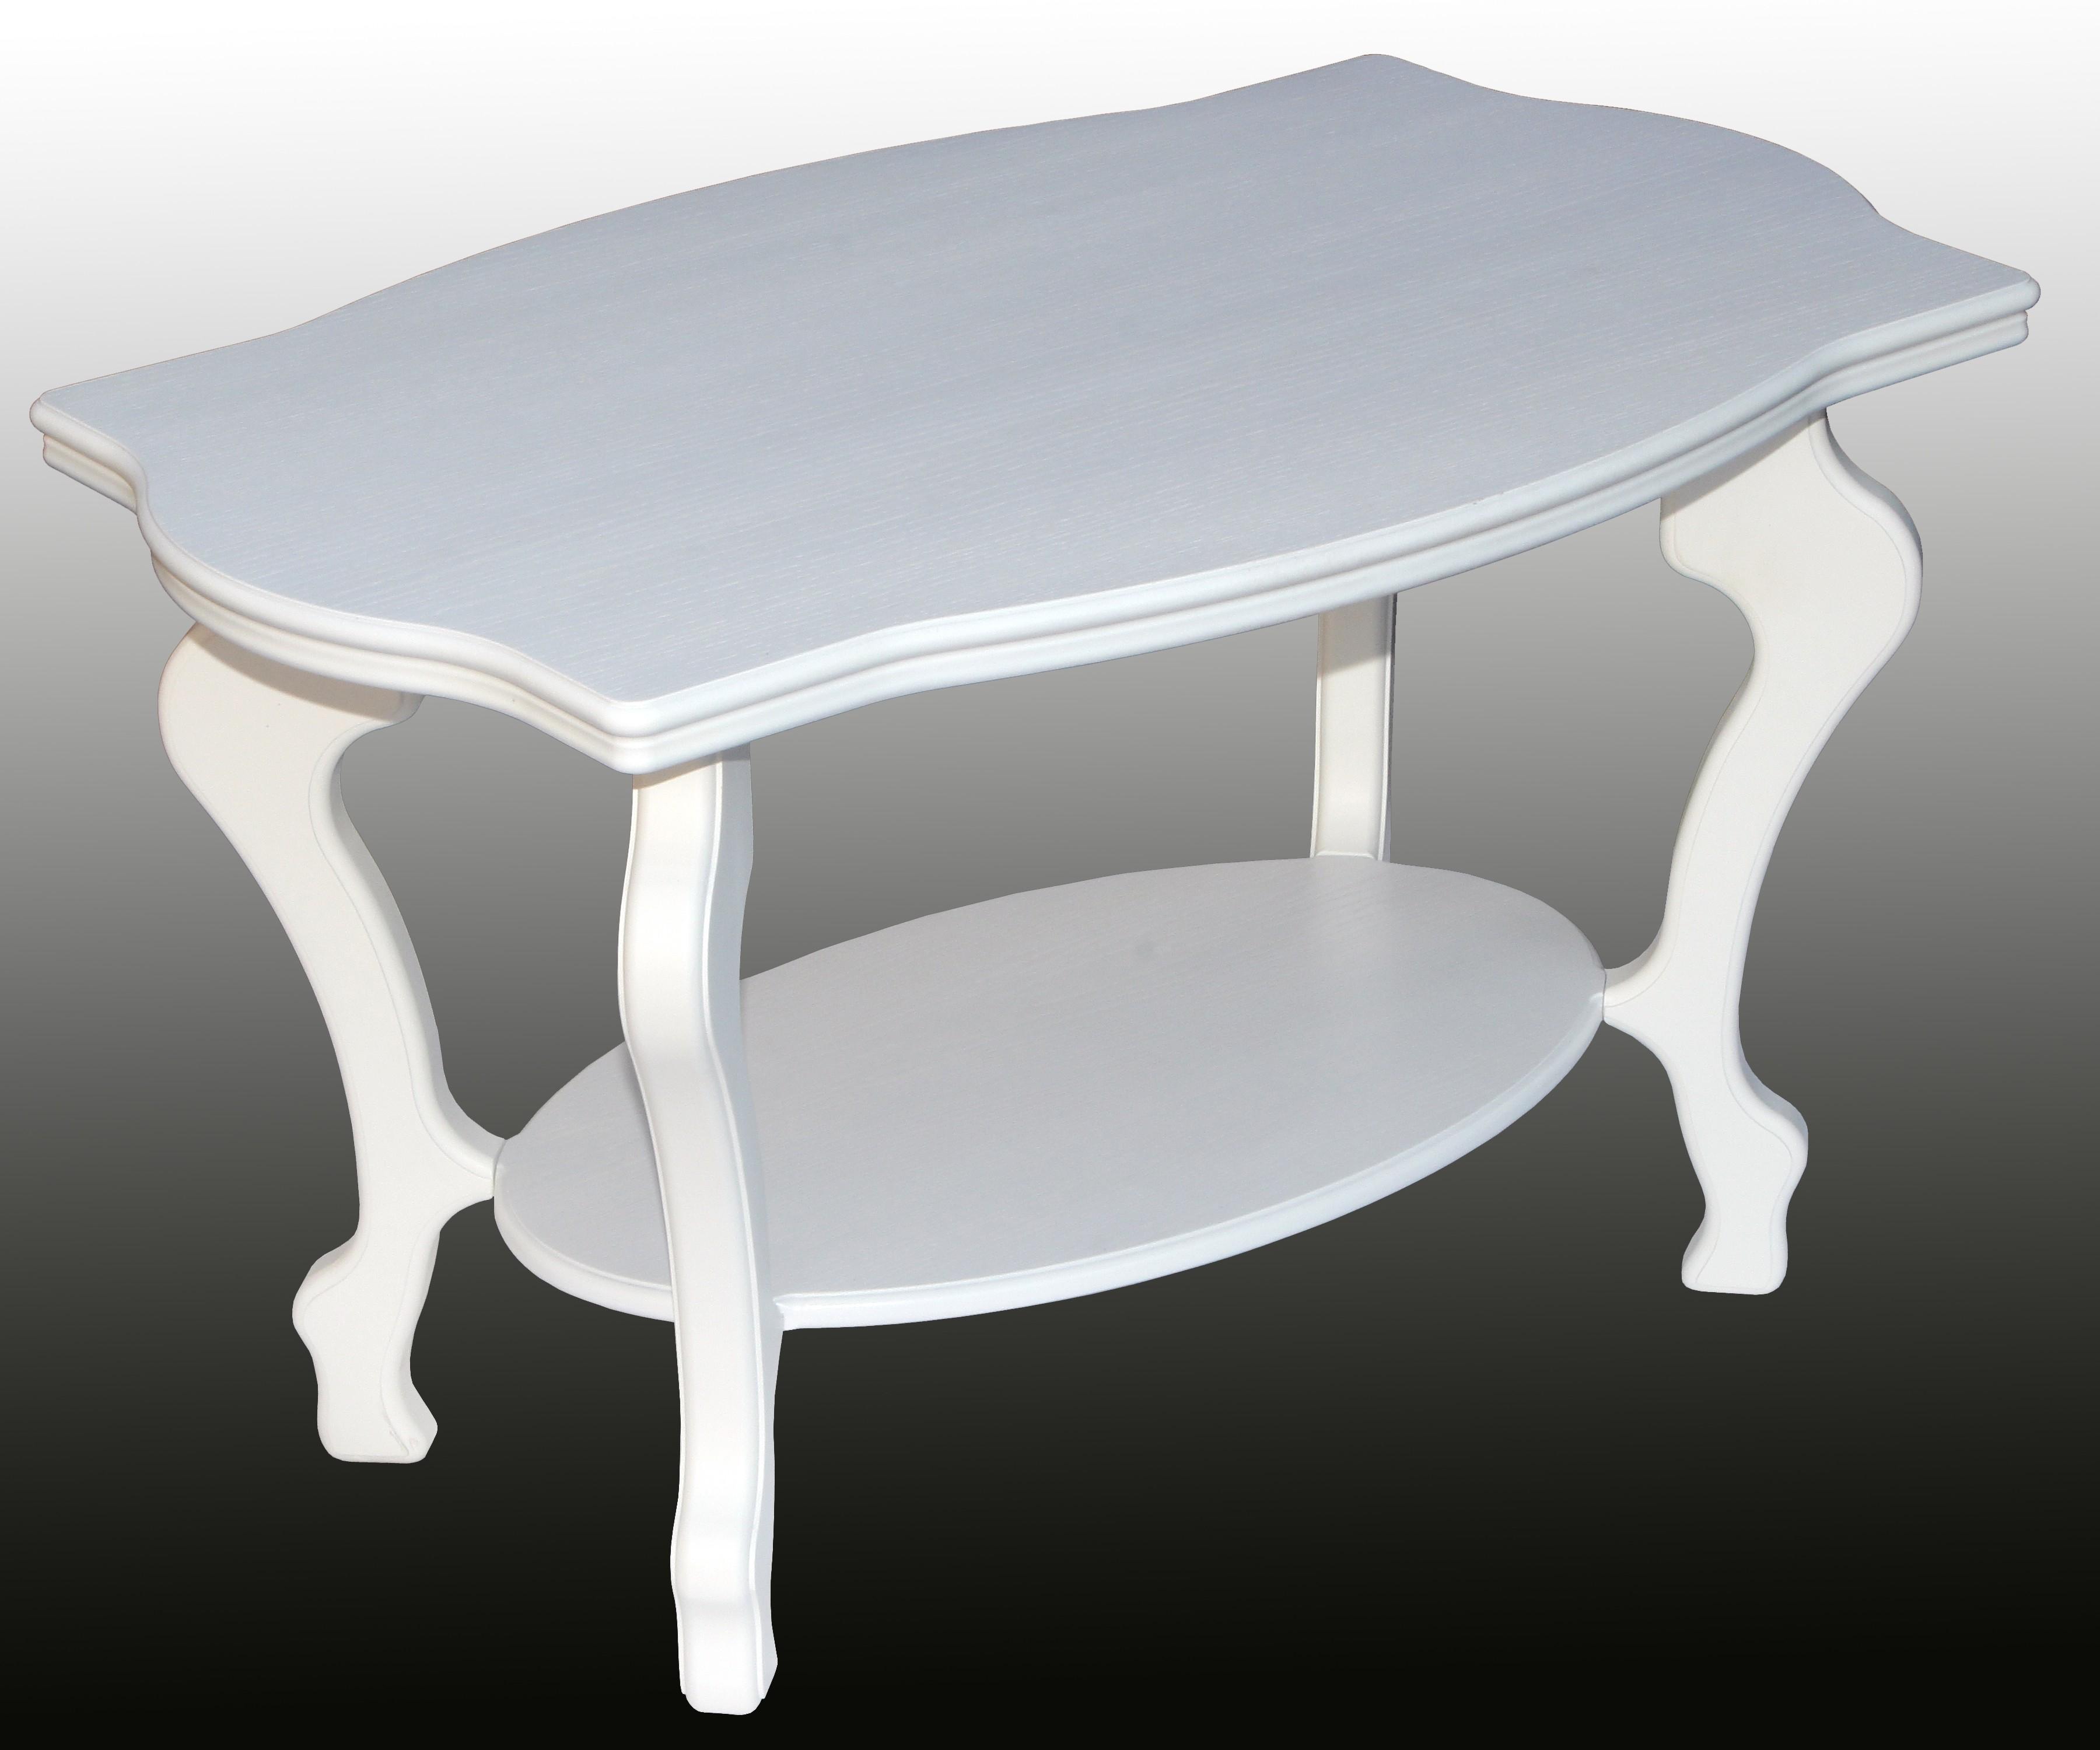 белый журнальный столик Mb 4376 купить в москве Glomartru